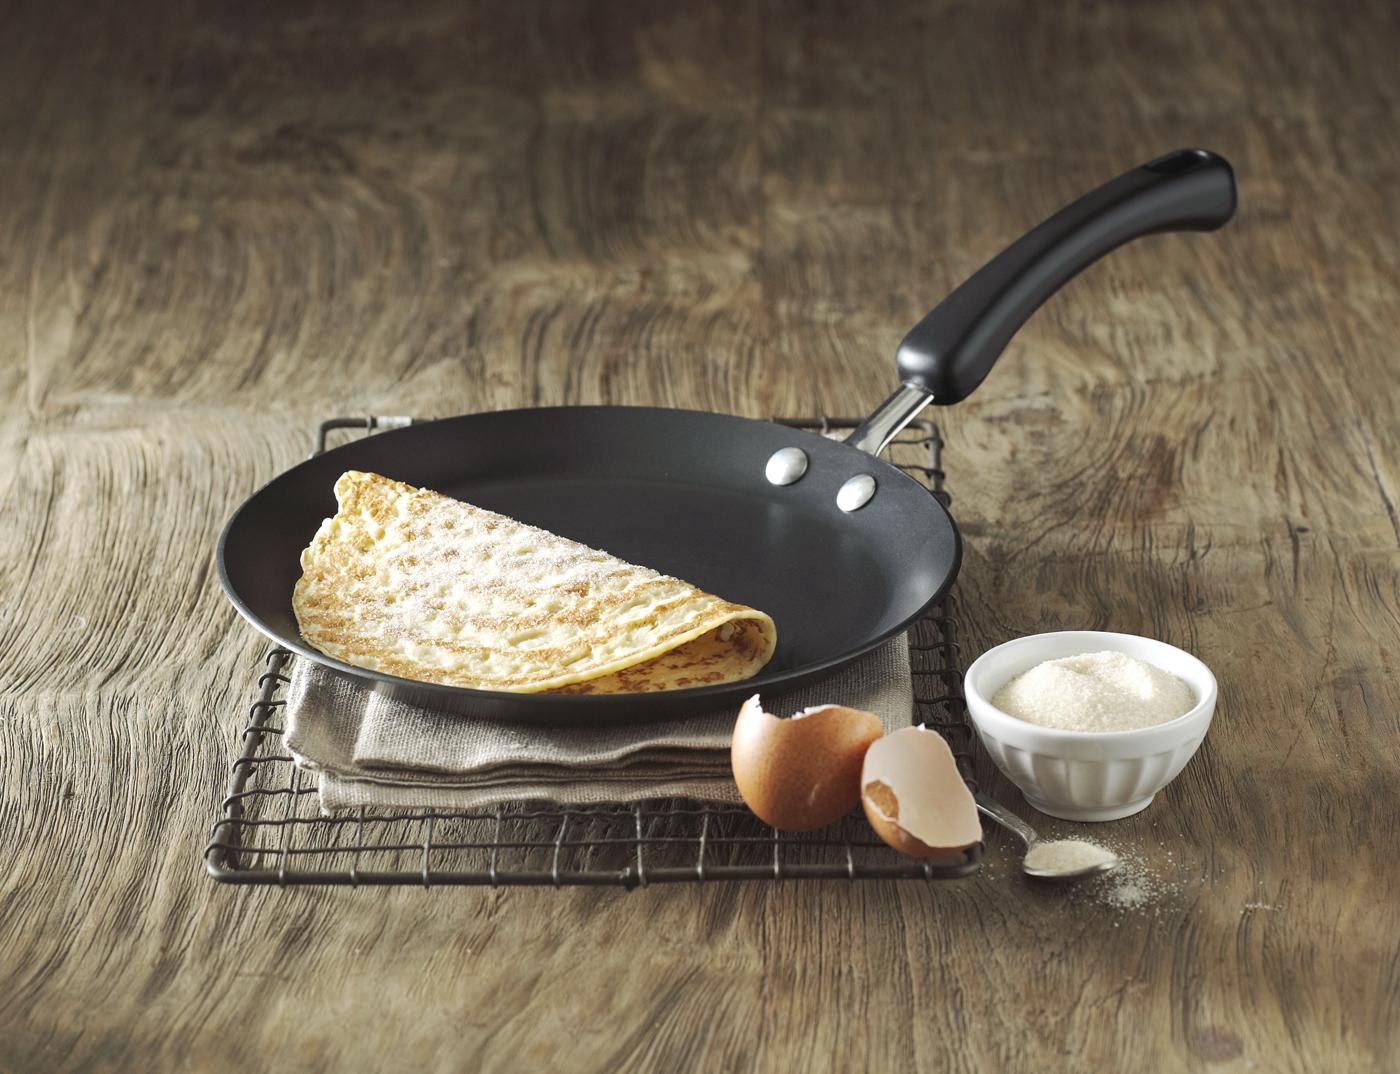 Lakeland crepe pan